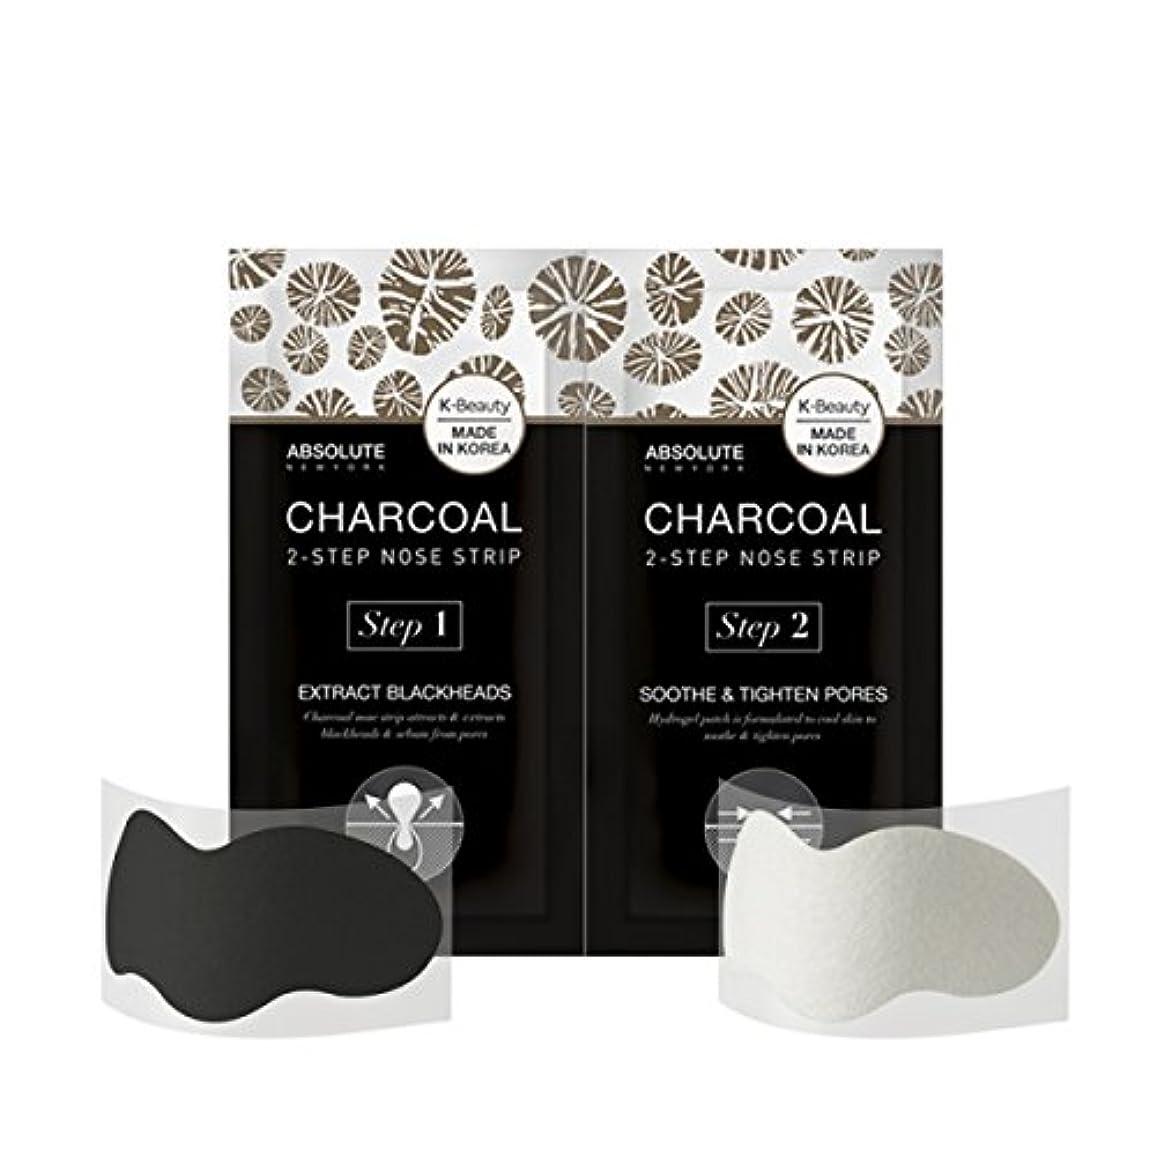 落ち込んでいる思い出させるサスペンション(3 Pack) ABSOLUTE Charcoal 2-Step Nose Strip (並行輸入品)